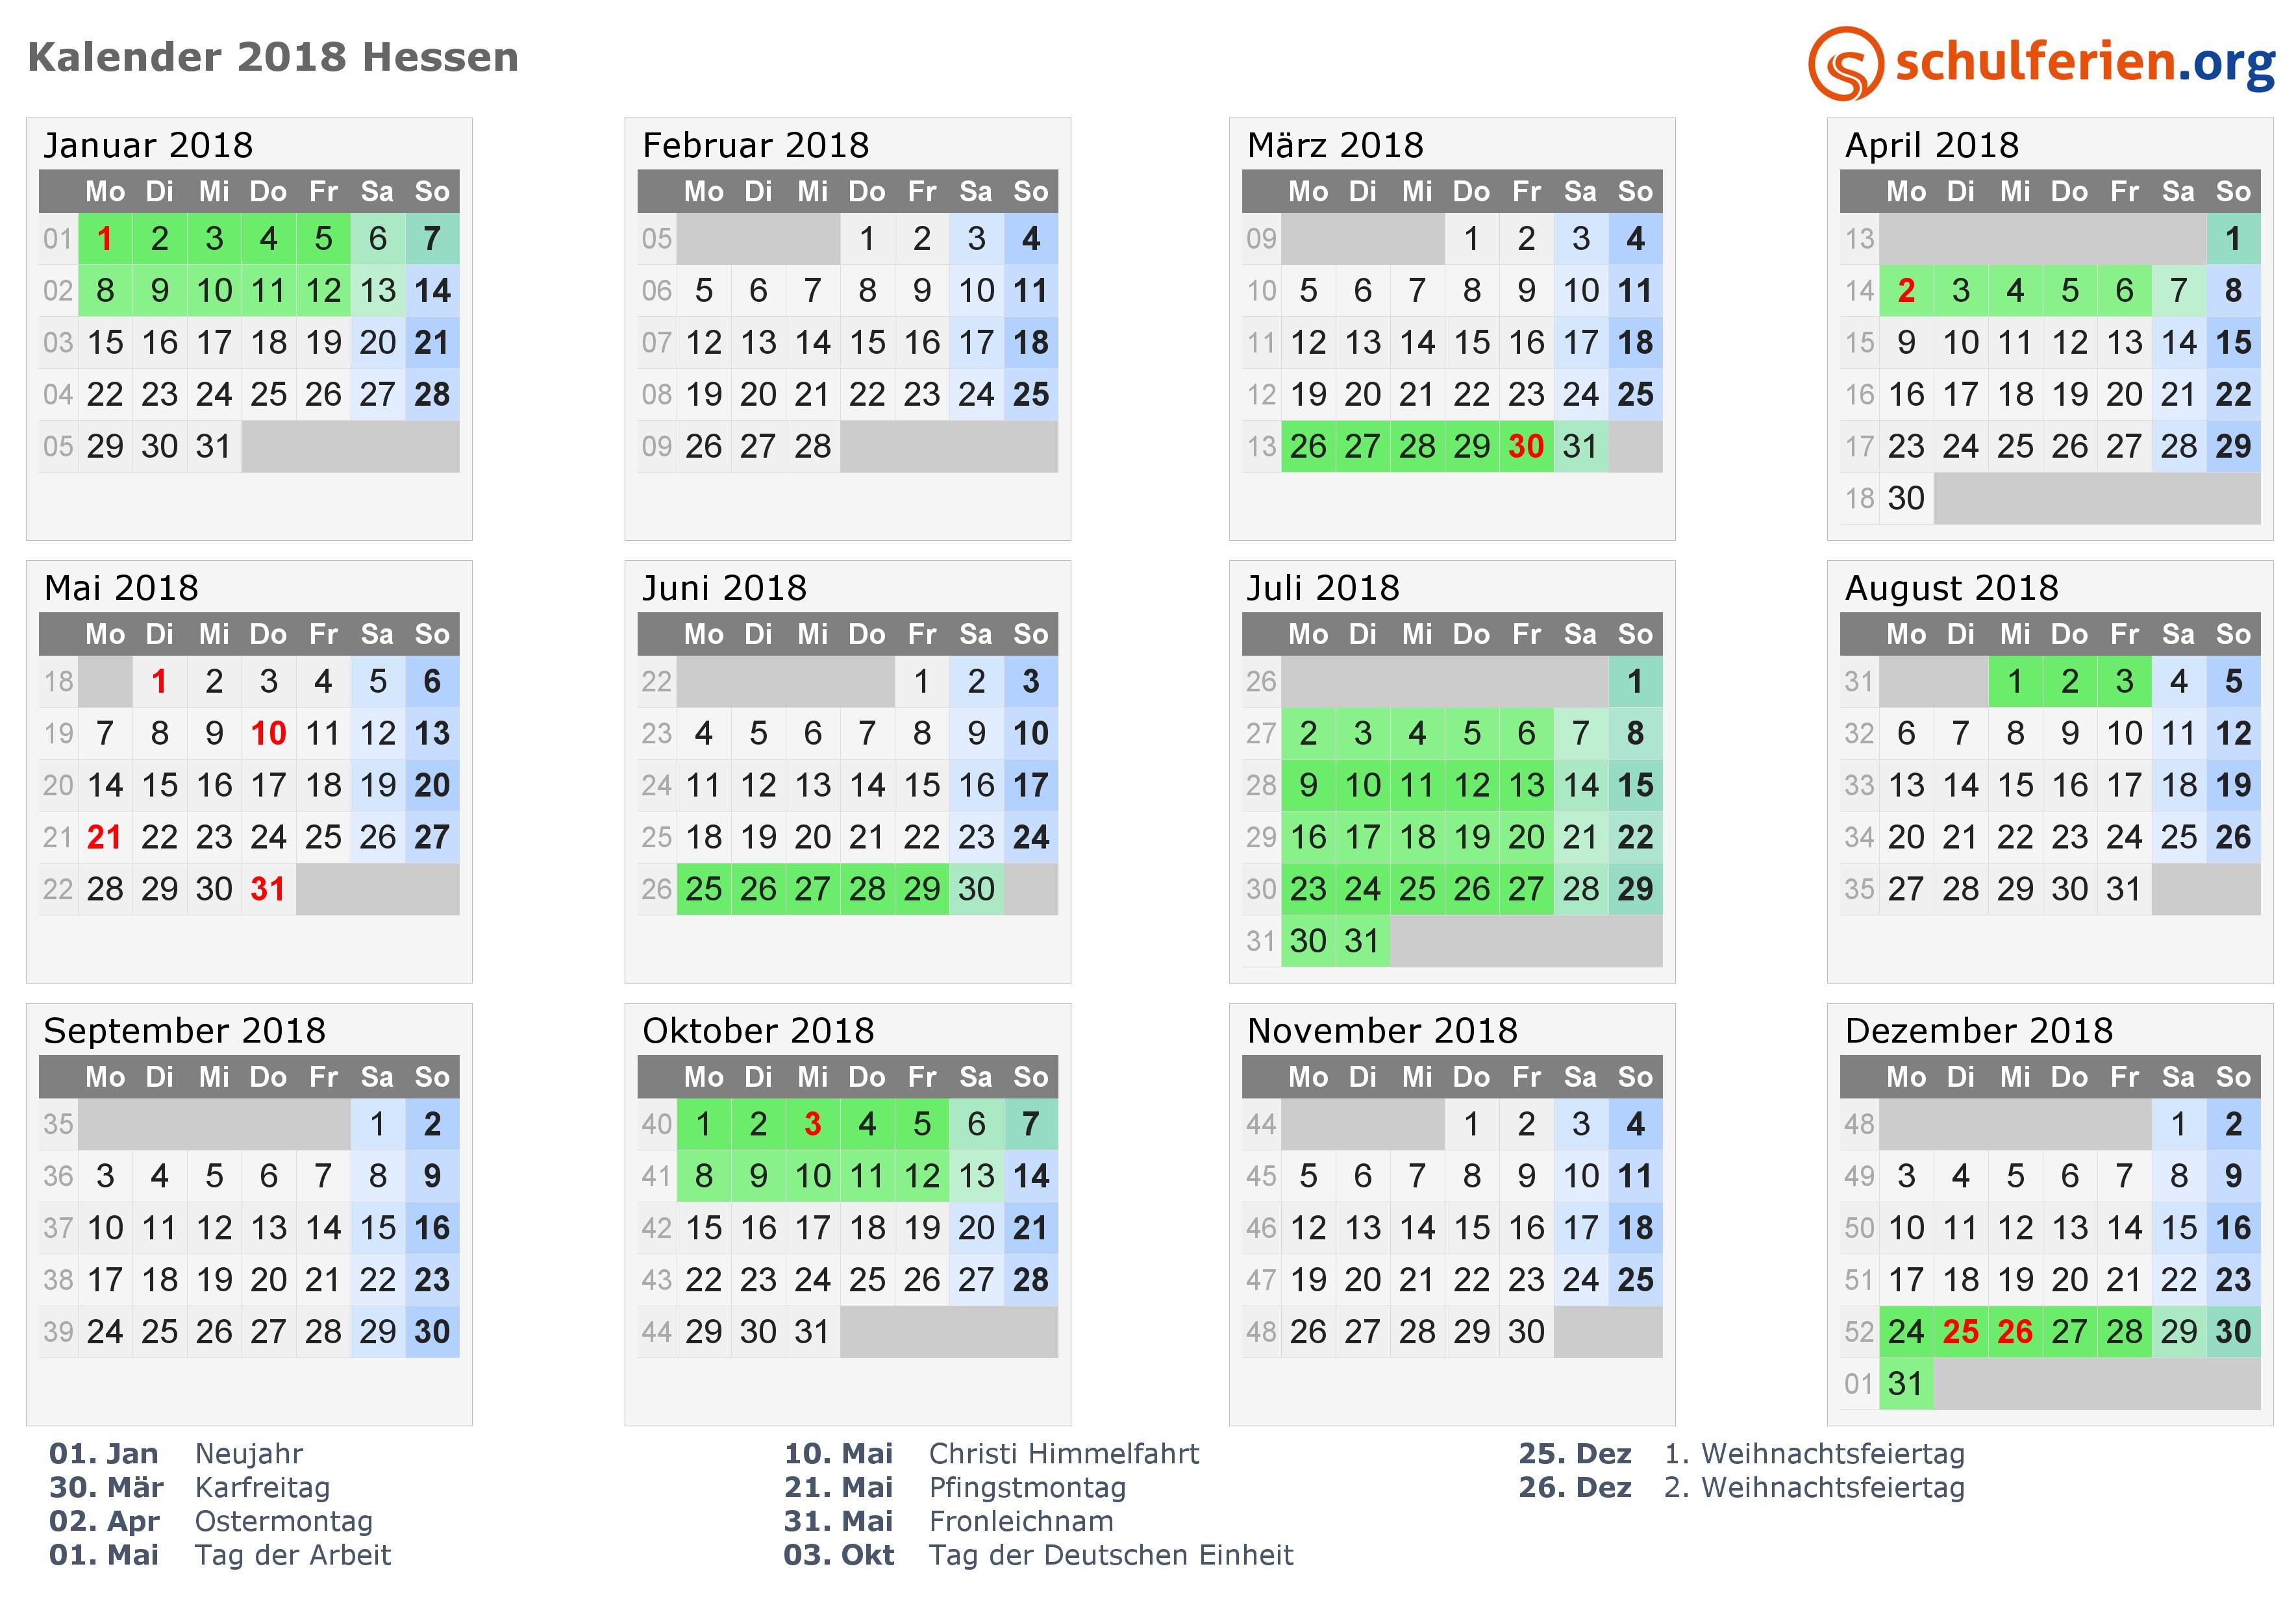 Kalender 2018 mit Ferien und Feiertagen Hessen